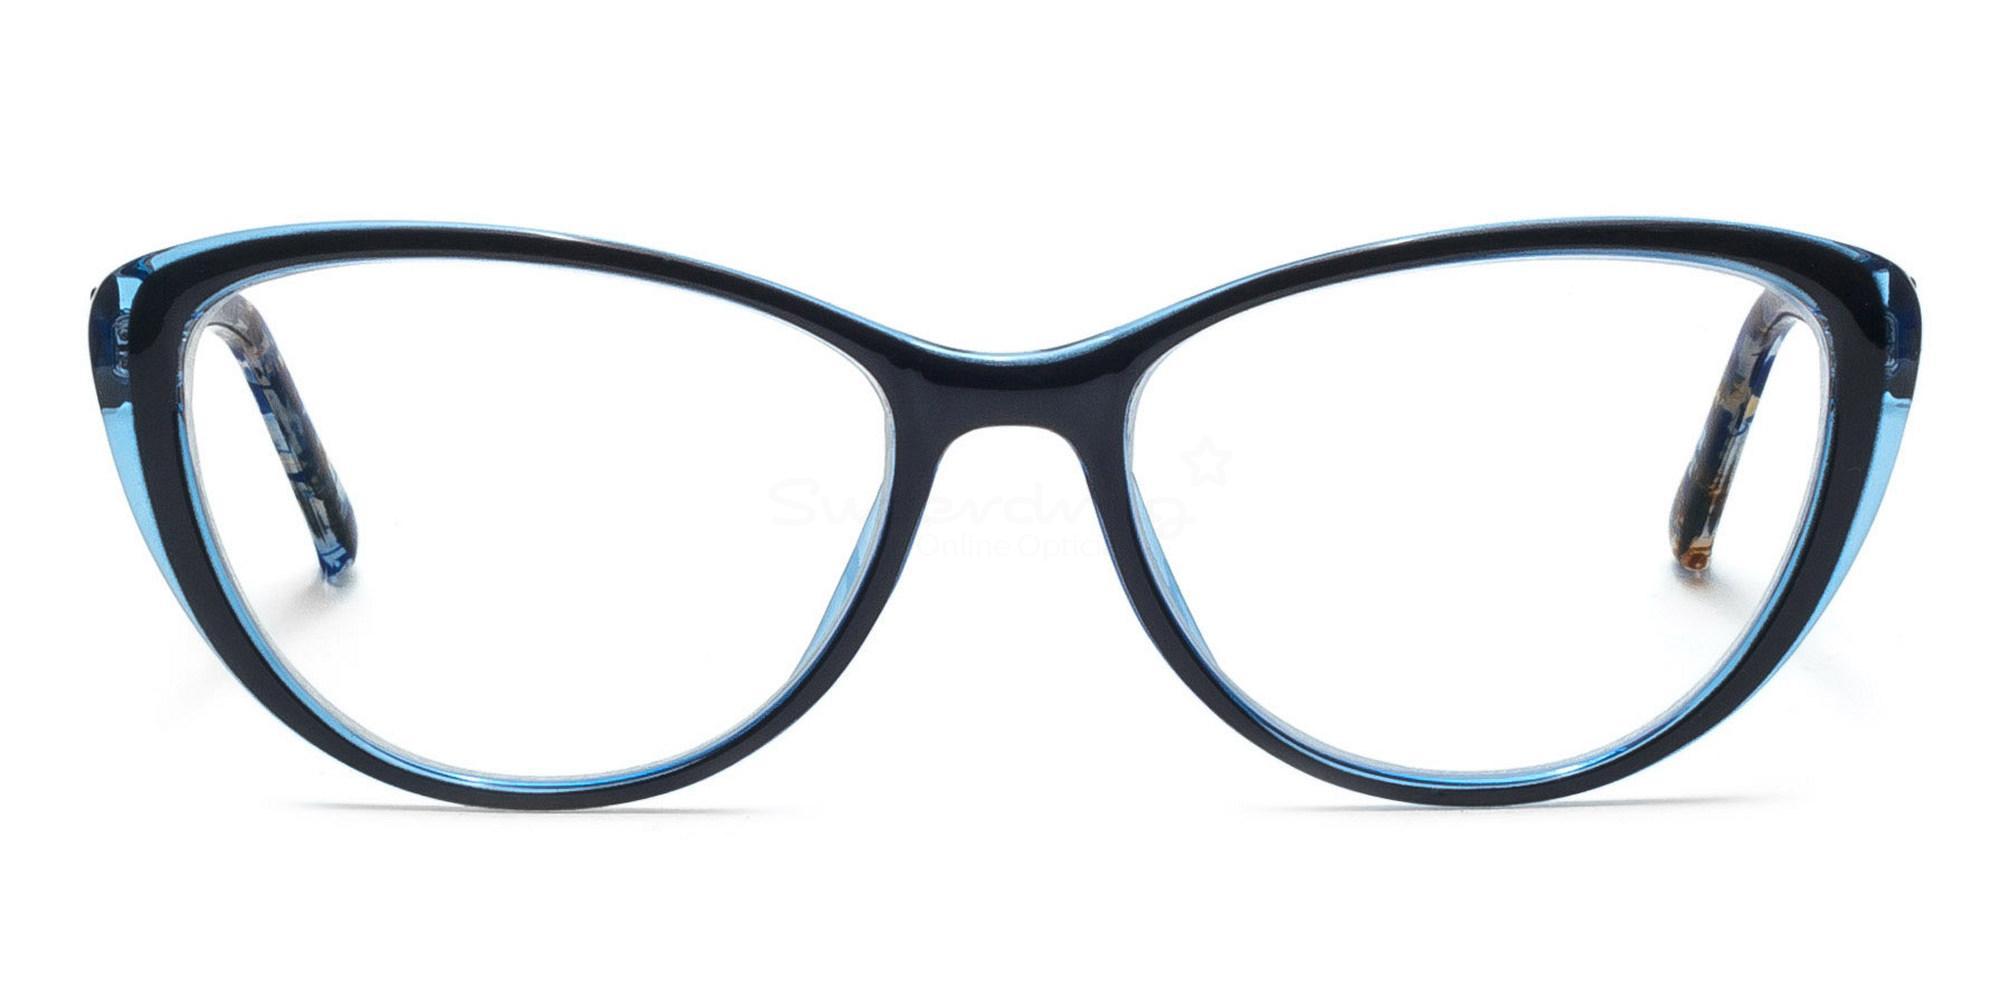 C48 2489 - Black on Blue Glasses, Helium